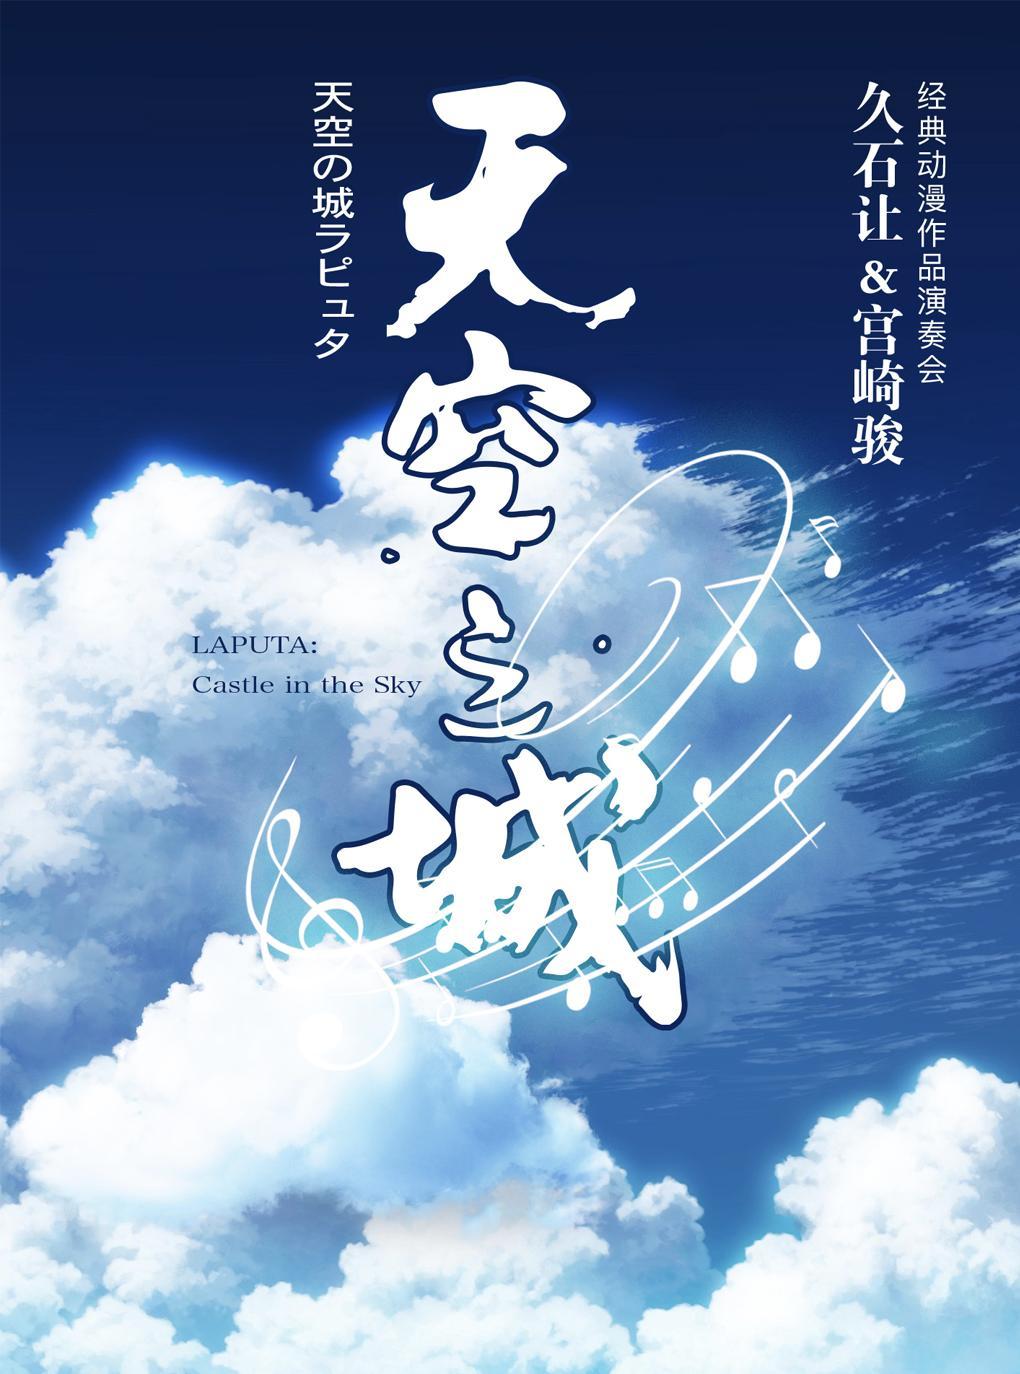 南京《 天空之城 》久石让 宫崎骏演奏会